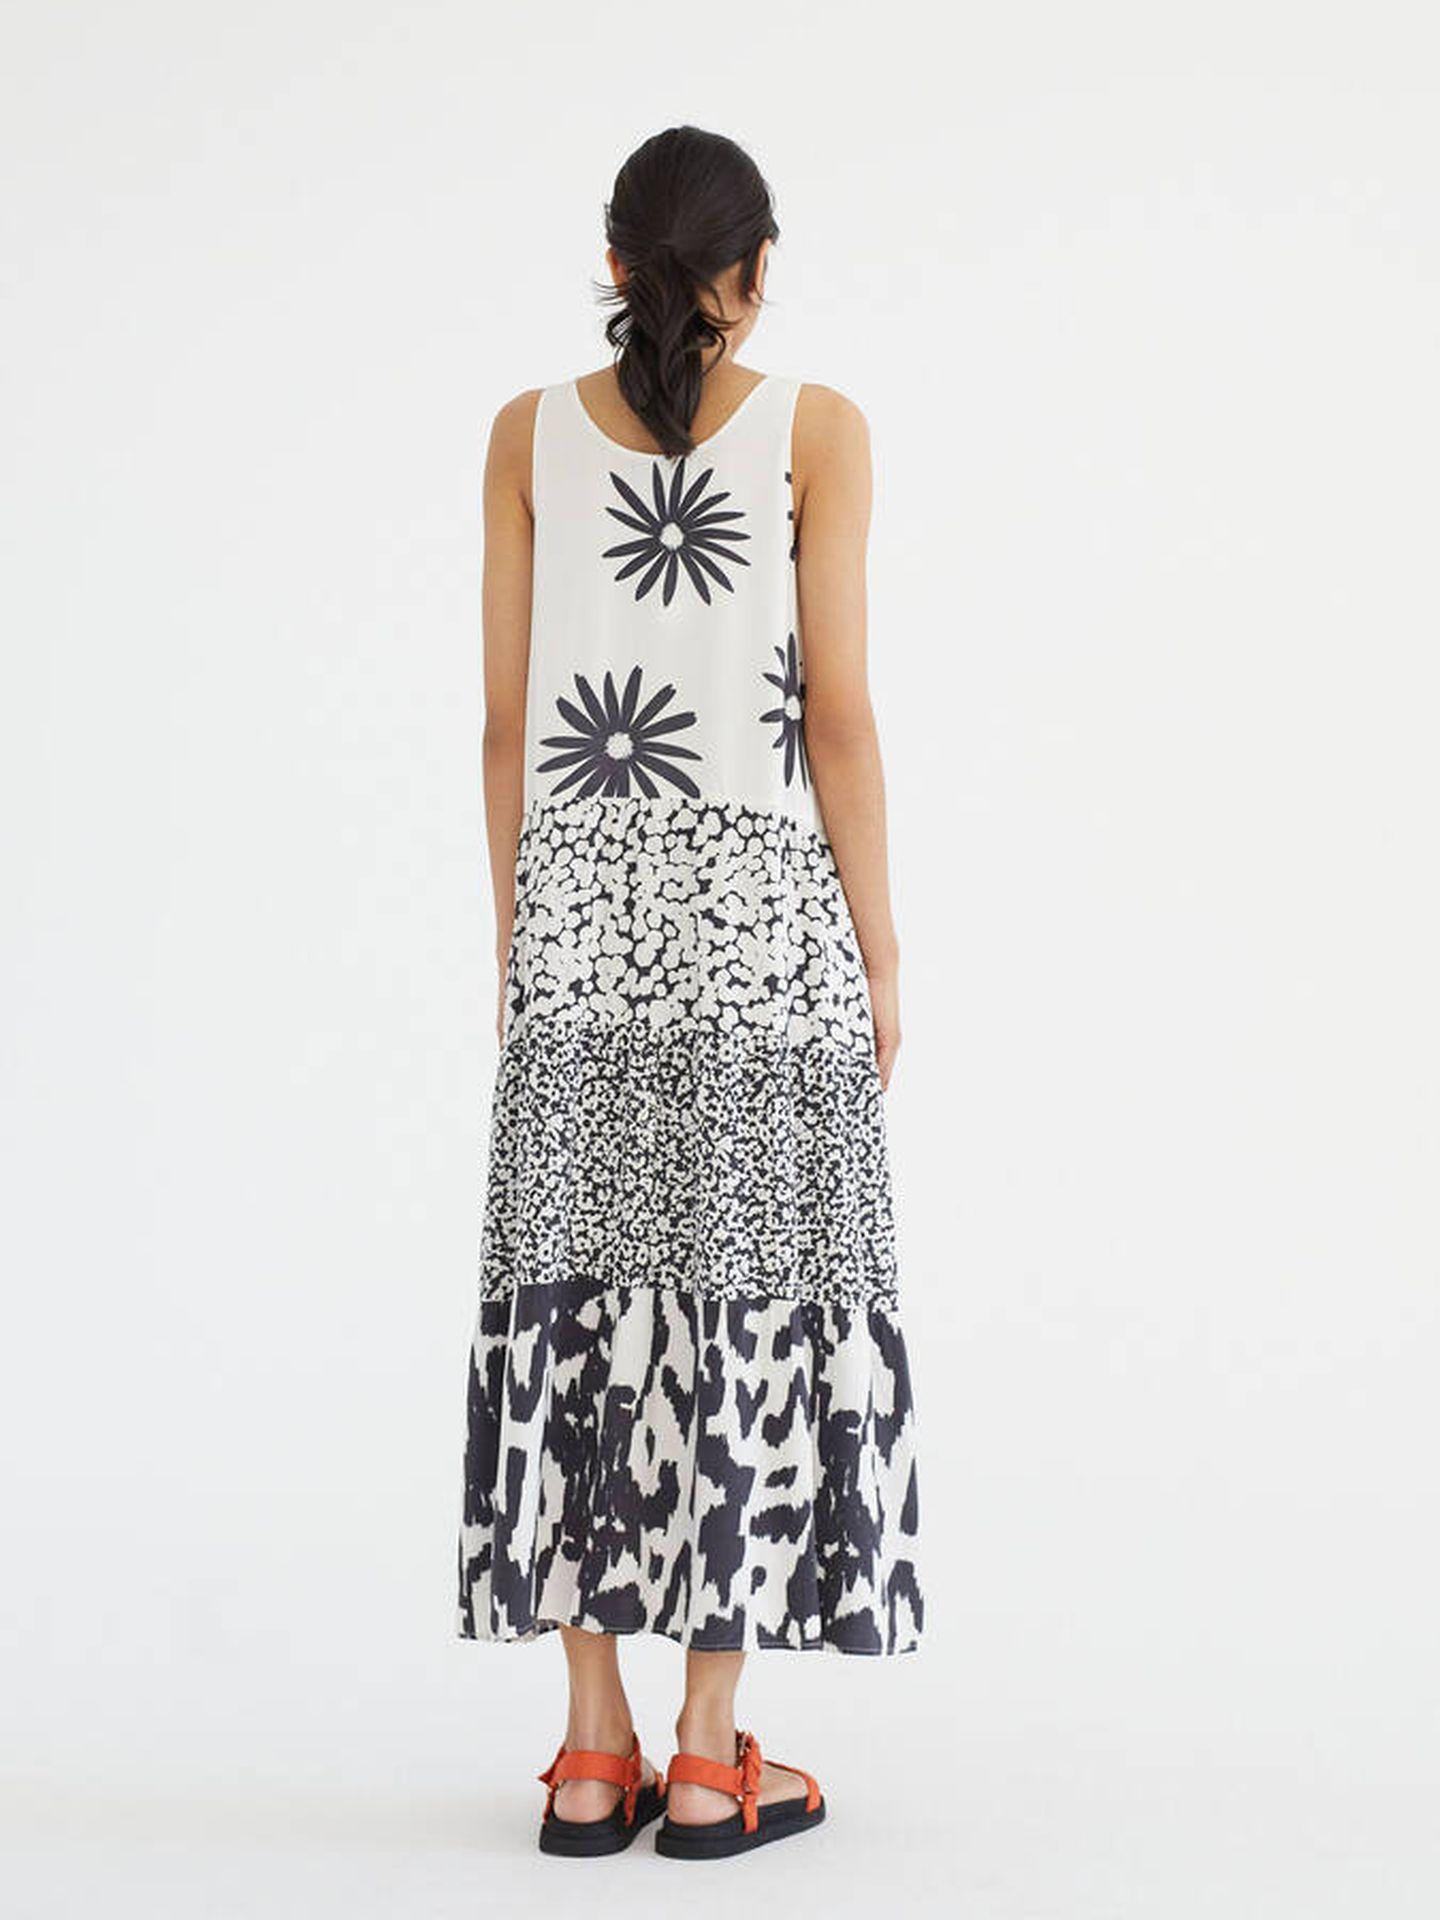 Vestido estampado de Parfois ideal para el verano. (Cortesía)